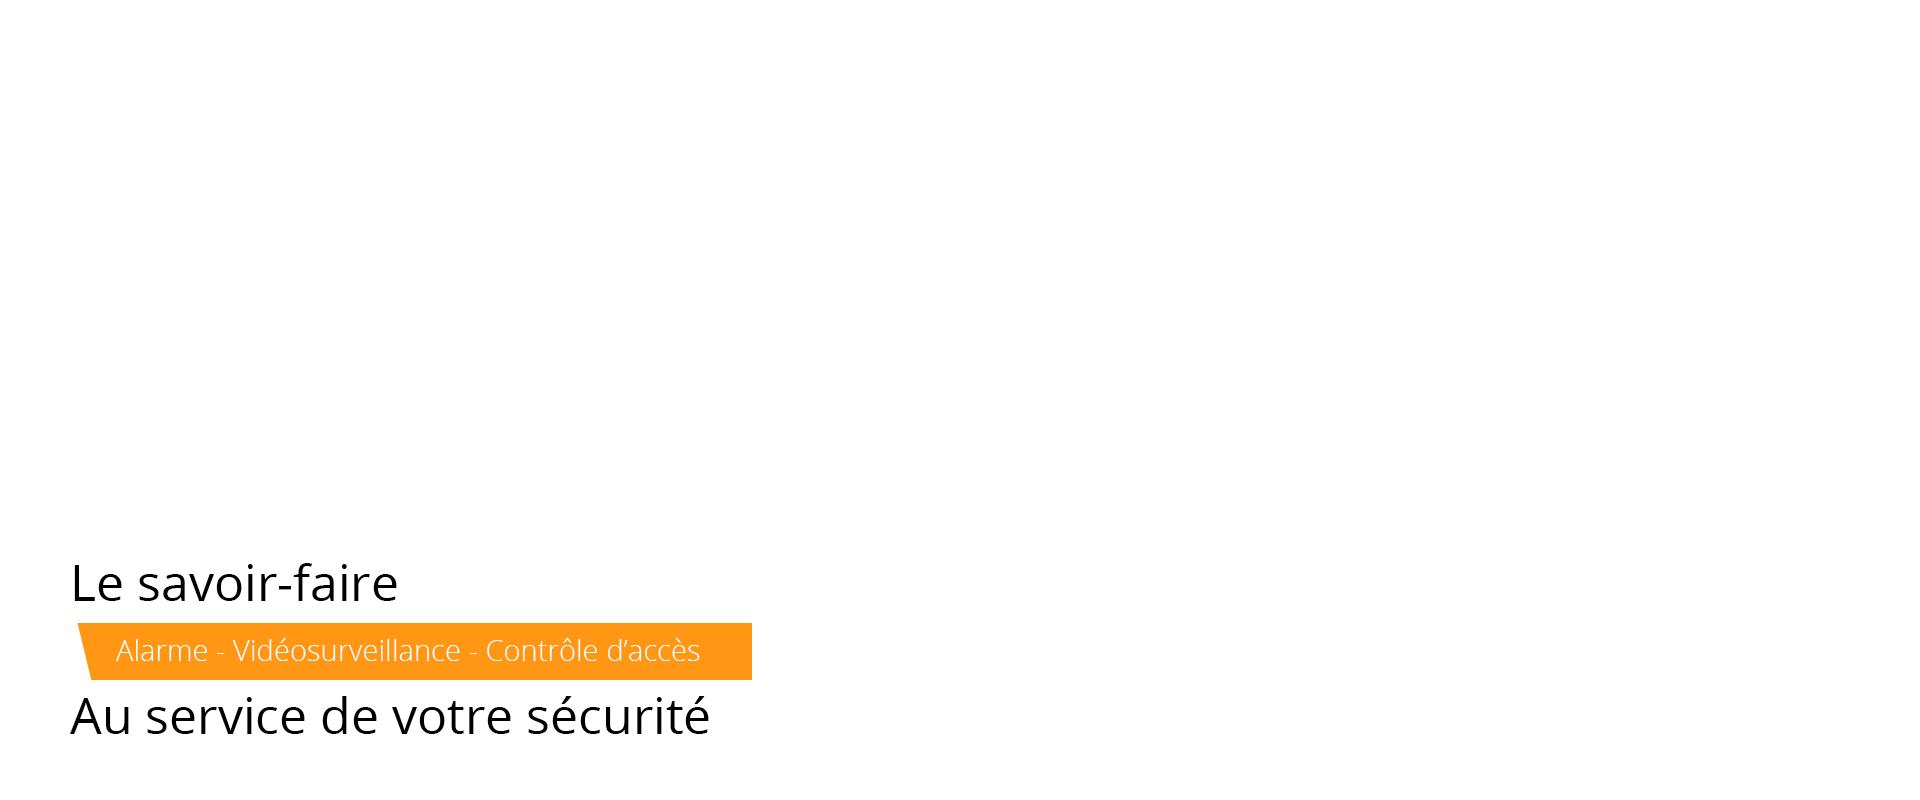 Avidif : le savoir-faire au service de votre sécurité